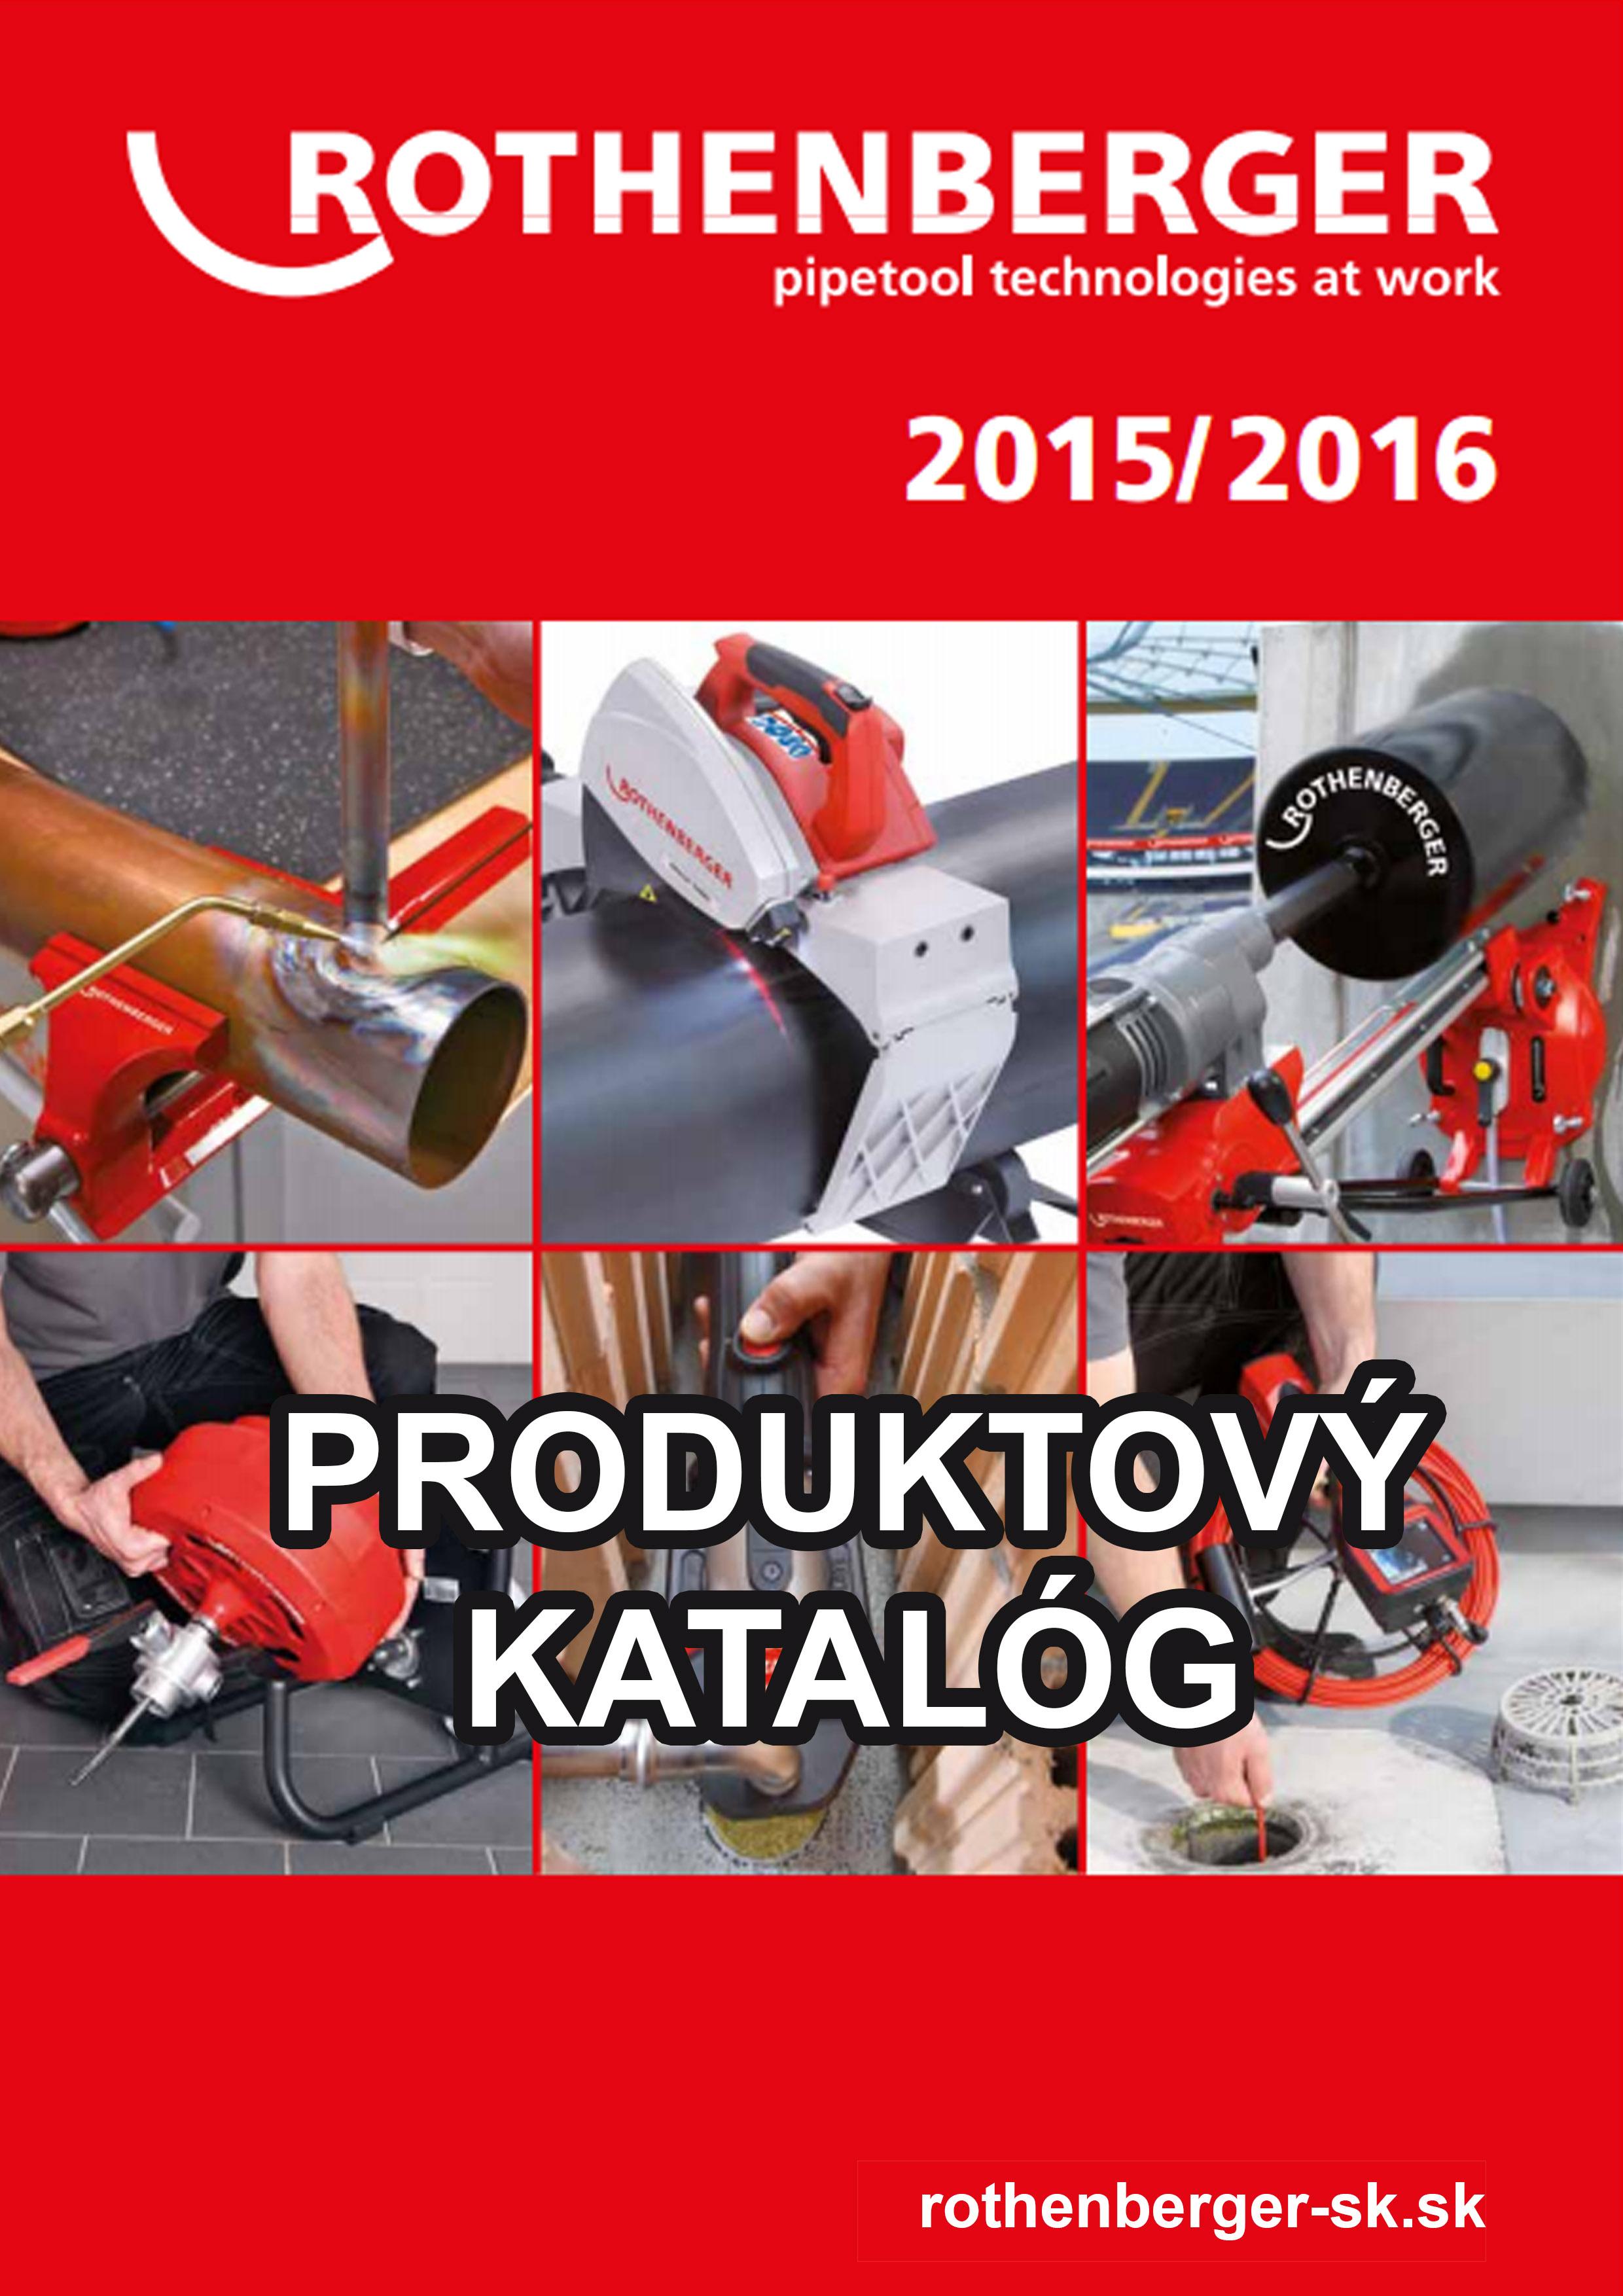 produktovy katalog rothnberger 2015